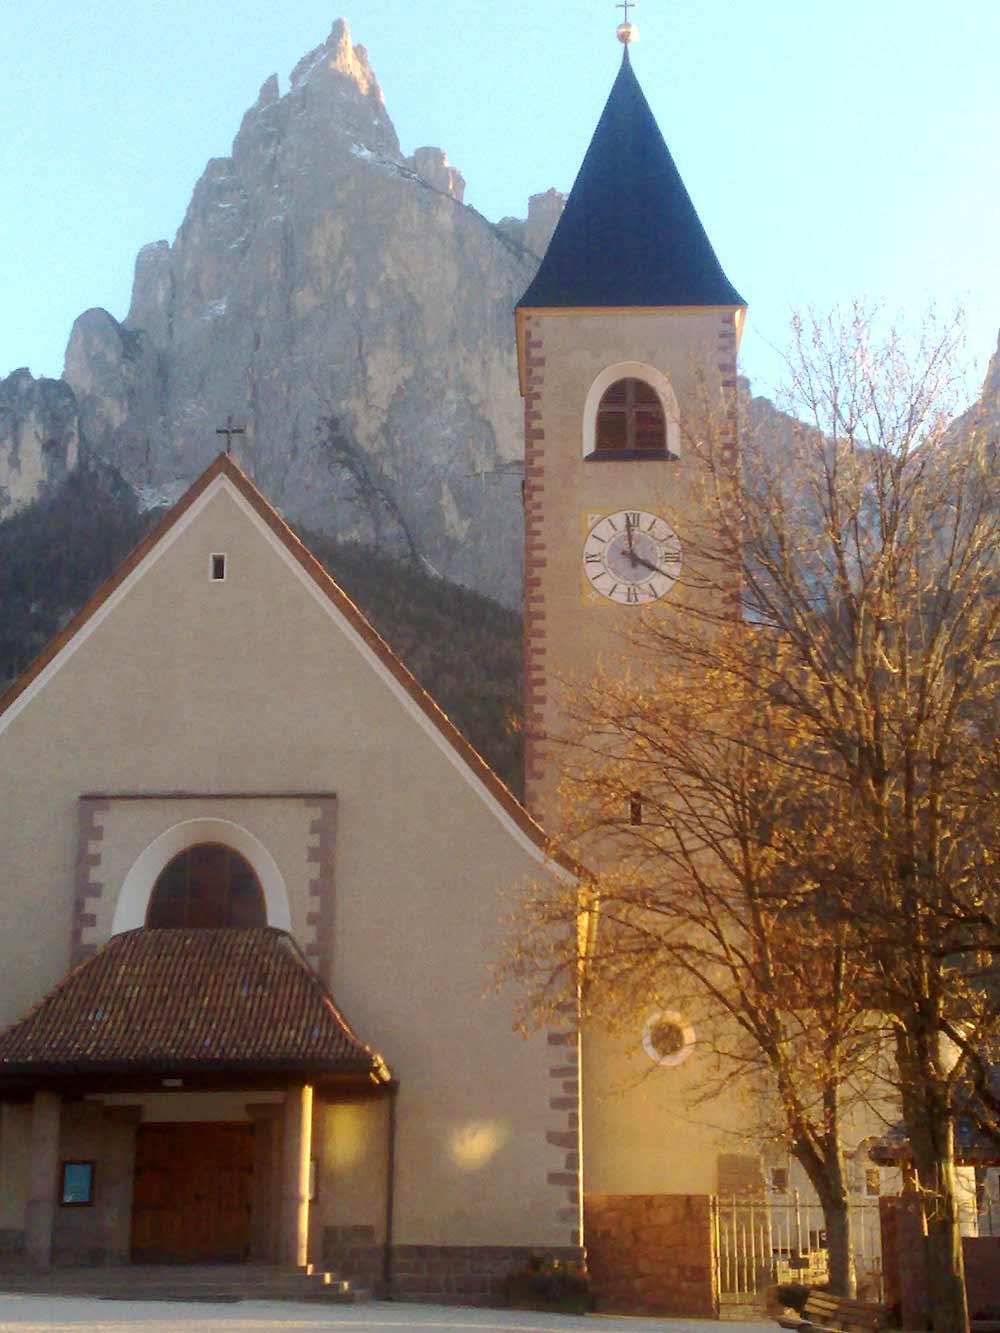 Blick auf die Fassade der barocken Pfarrkirche von Seis am Schlern